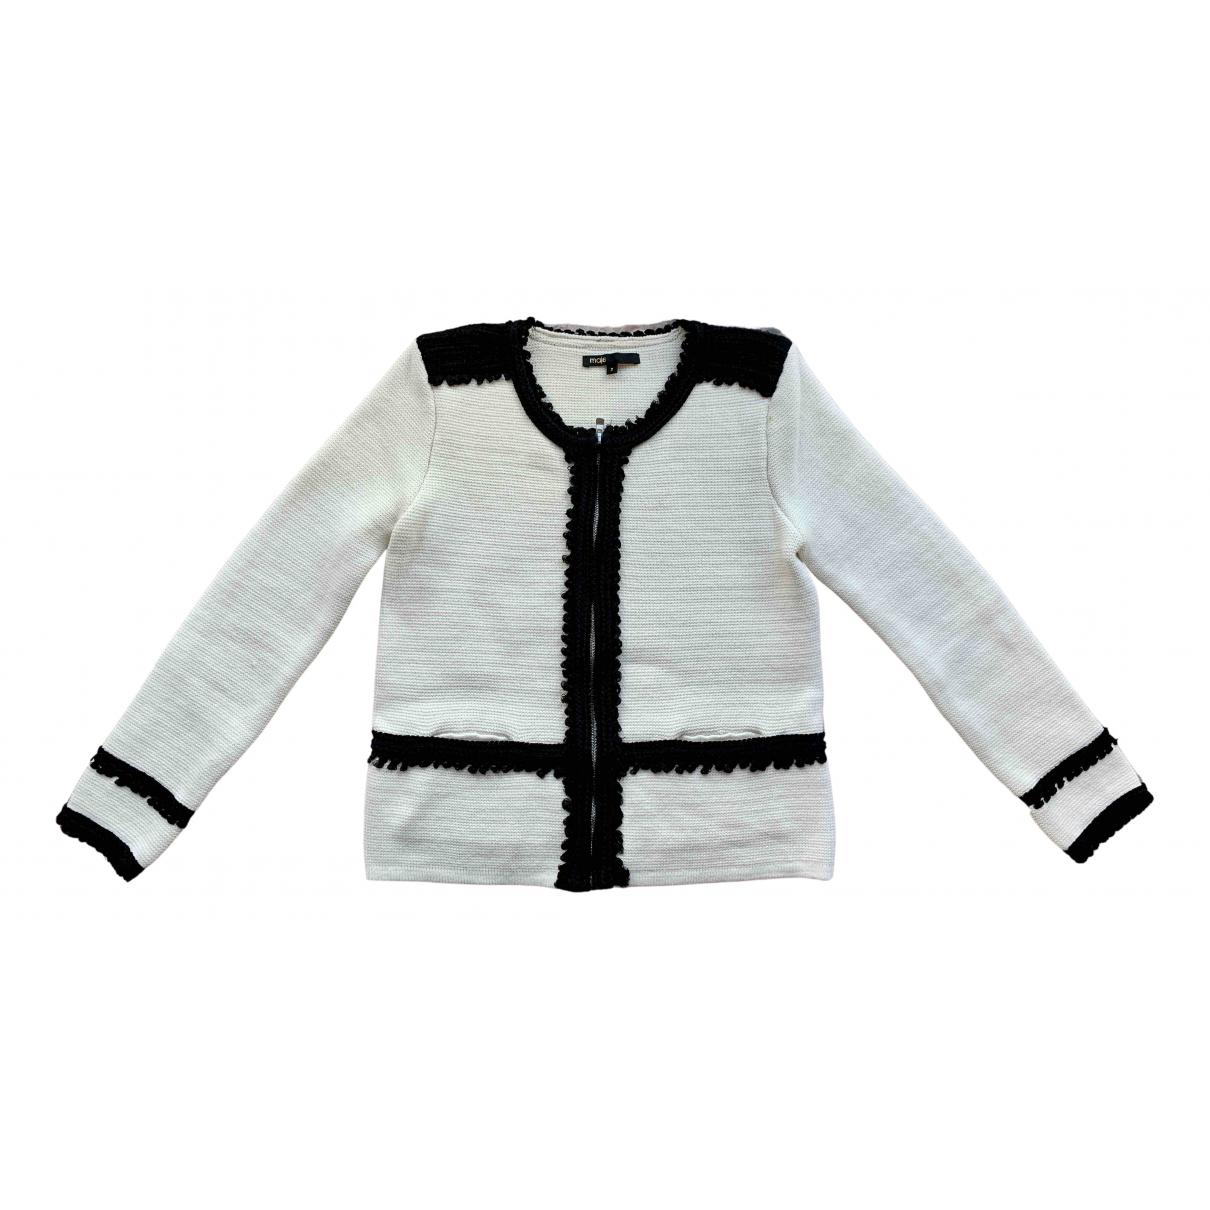 Maje N White Cotton Knitwear for Women 38 FR